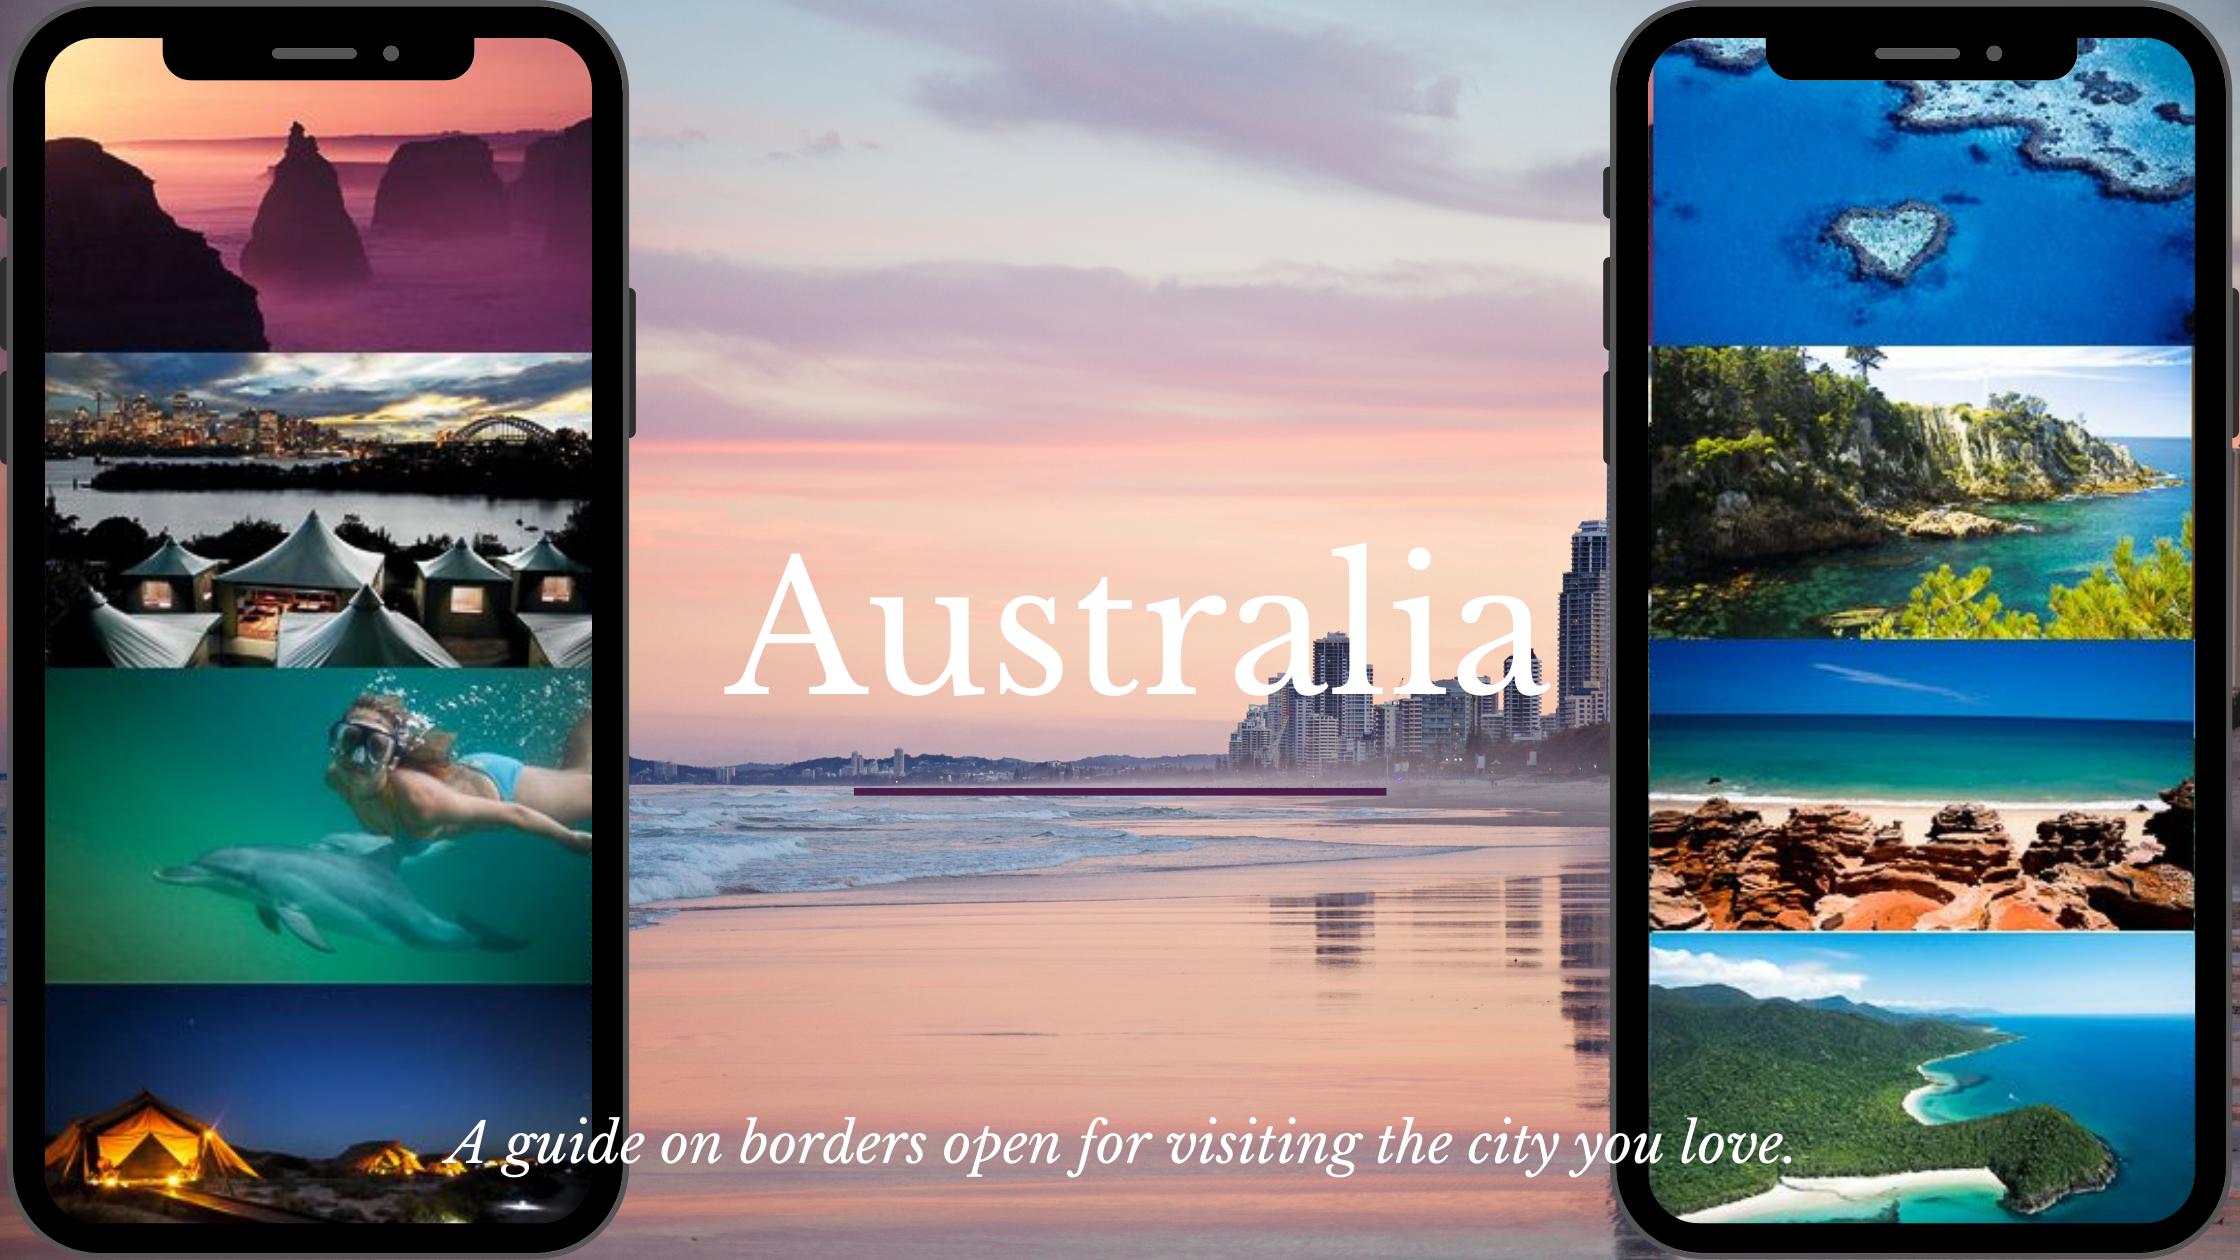 Australia border update